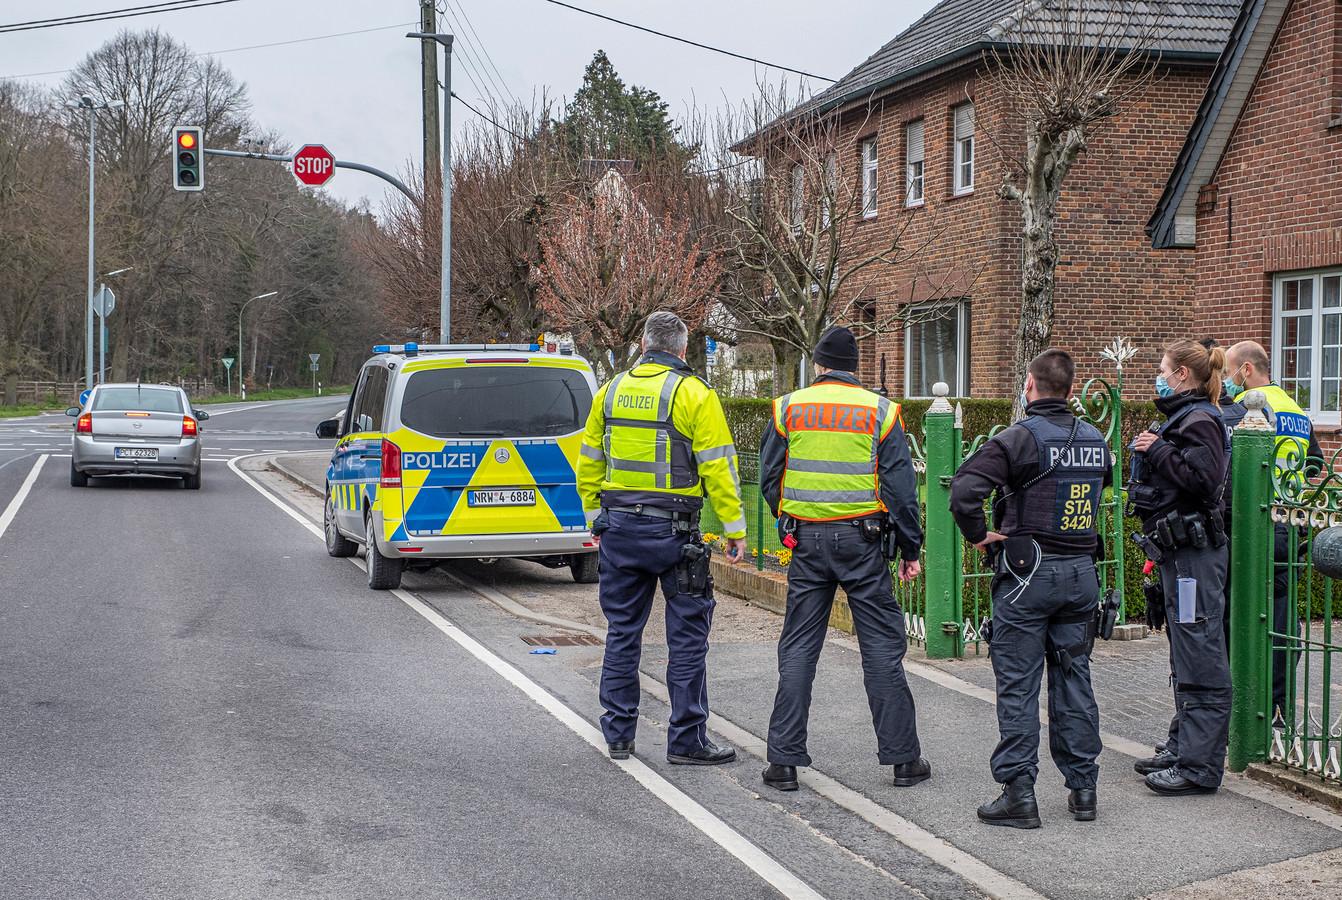 Politie stond in april aan de grensovergang in Ven-Zelderheide te controleren of mensen een negatieve coronatest op zak hadden.